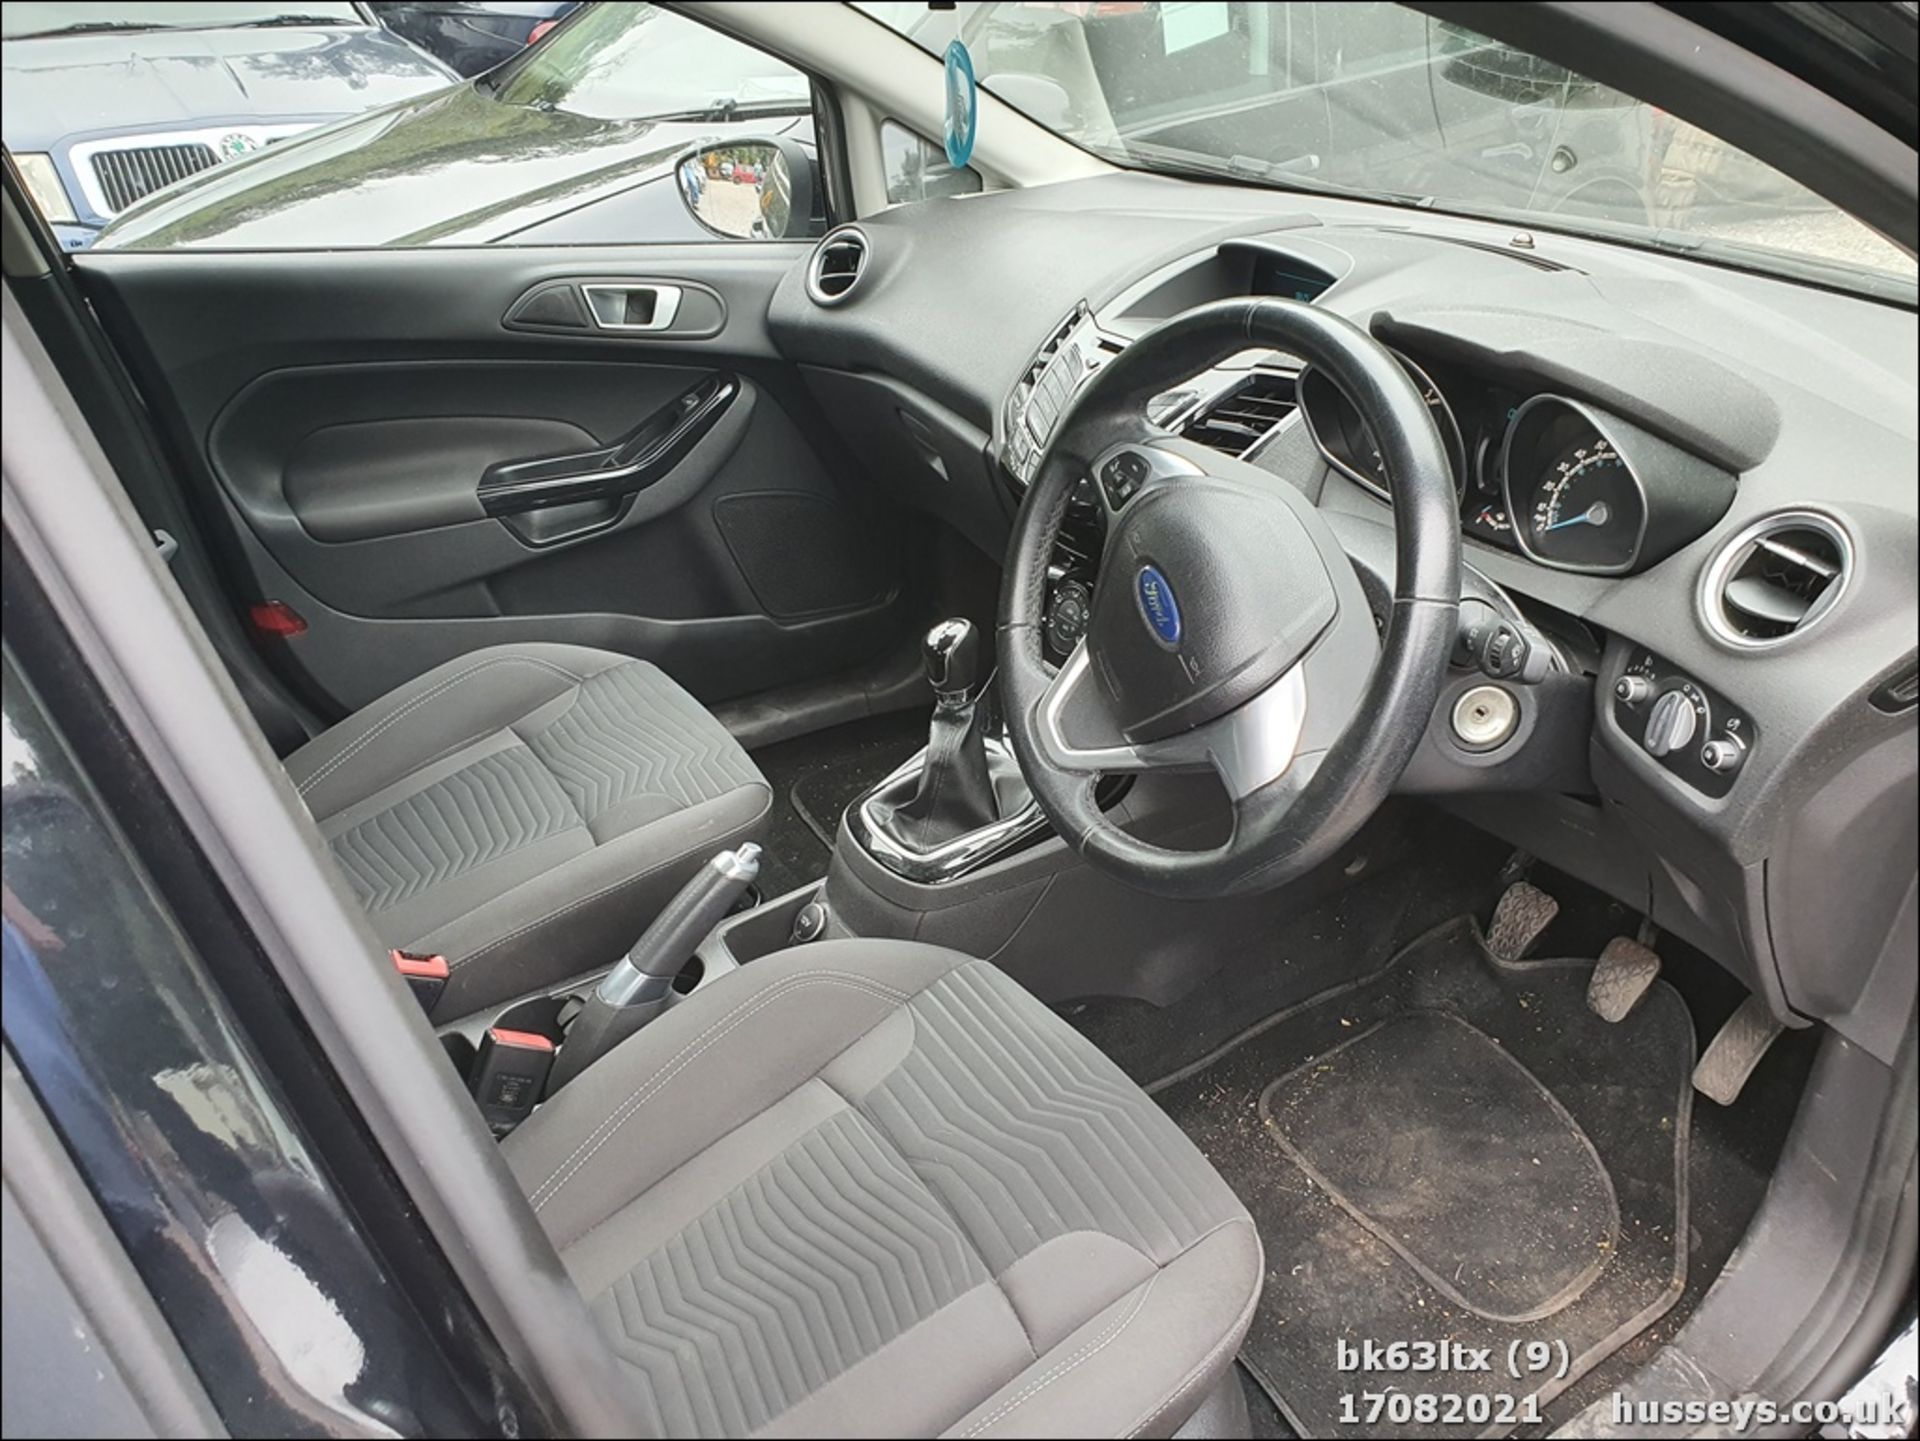 13/63 FORD FIESTA ZETEC - 998cc 5dr Hatchback (Black, 53k) - Image 10 of 16